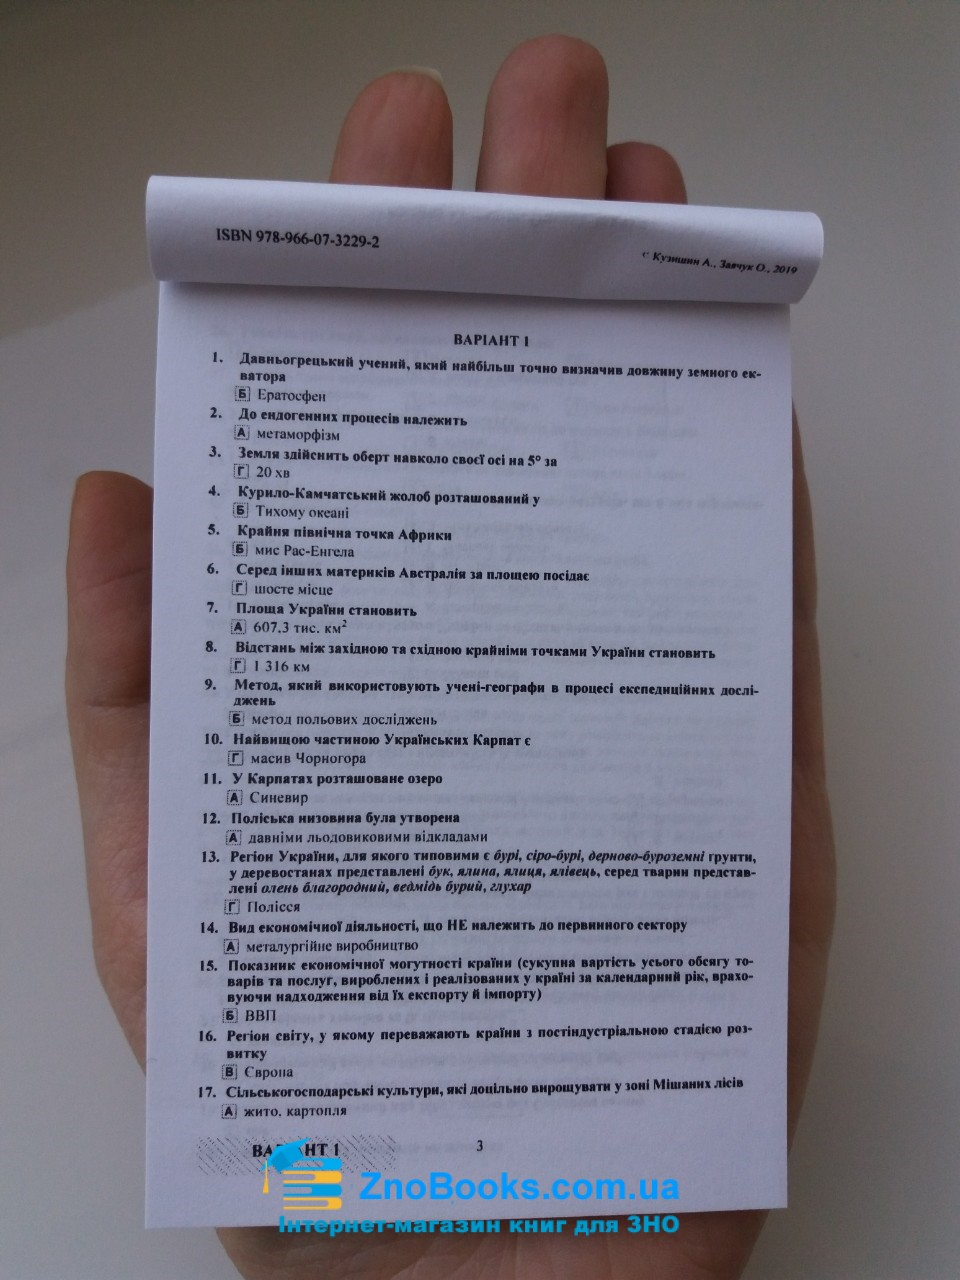 ШПАРГАЛКА. Відповіді для ДПА 2019 з географії 9 клас. Кузишин А. Підручники і посібники. Купити 1